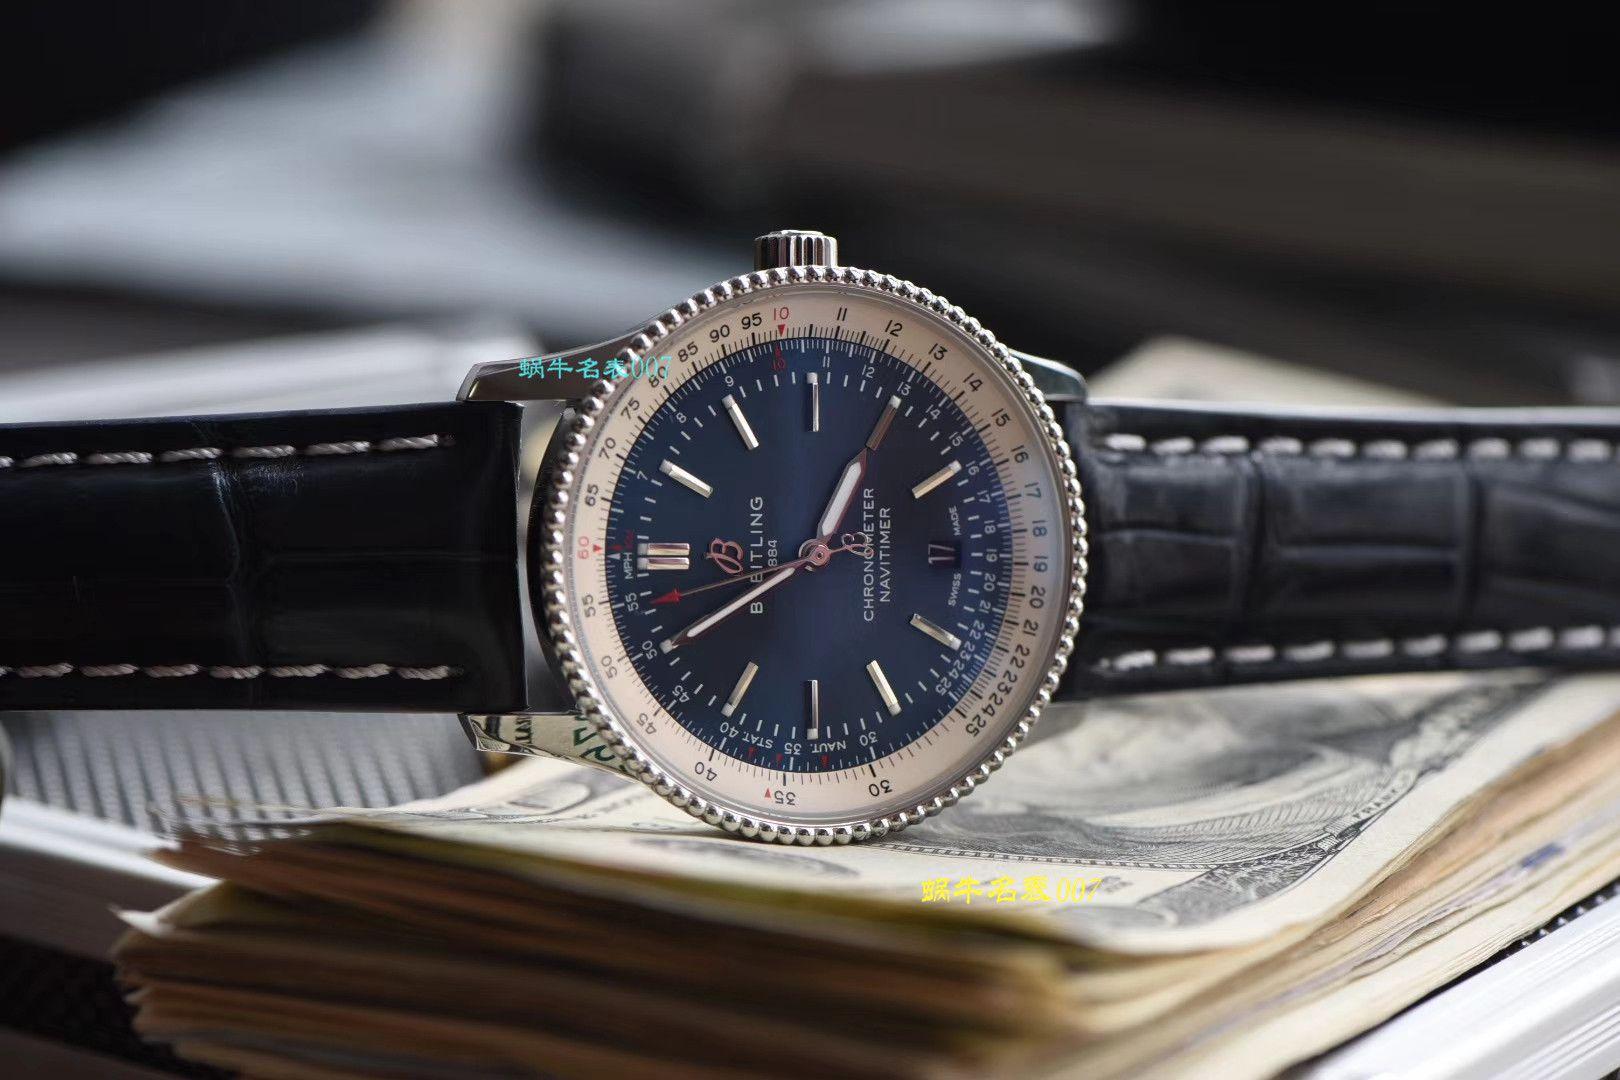 【渠道原单】百年灵航空计时1系列A17326211C1P3(蓝面)腕表 / BL099